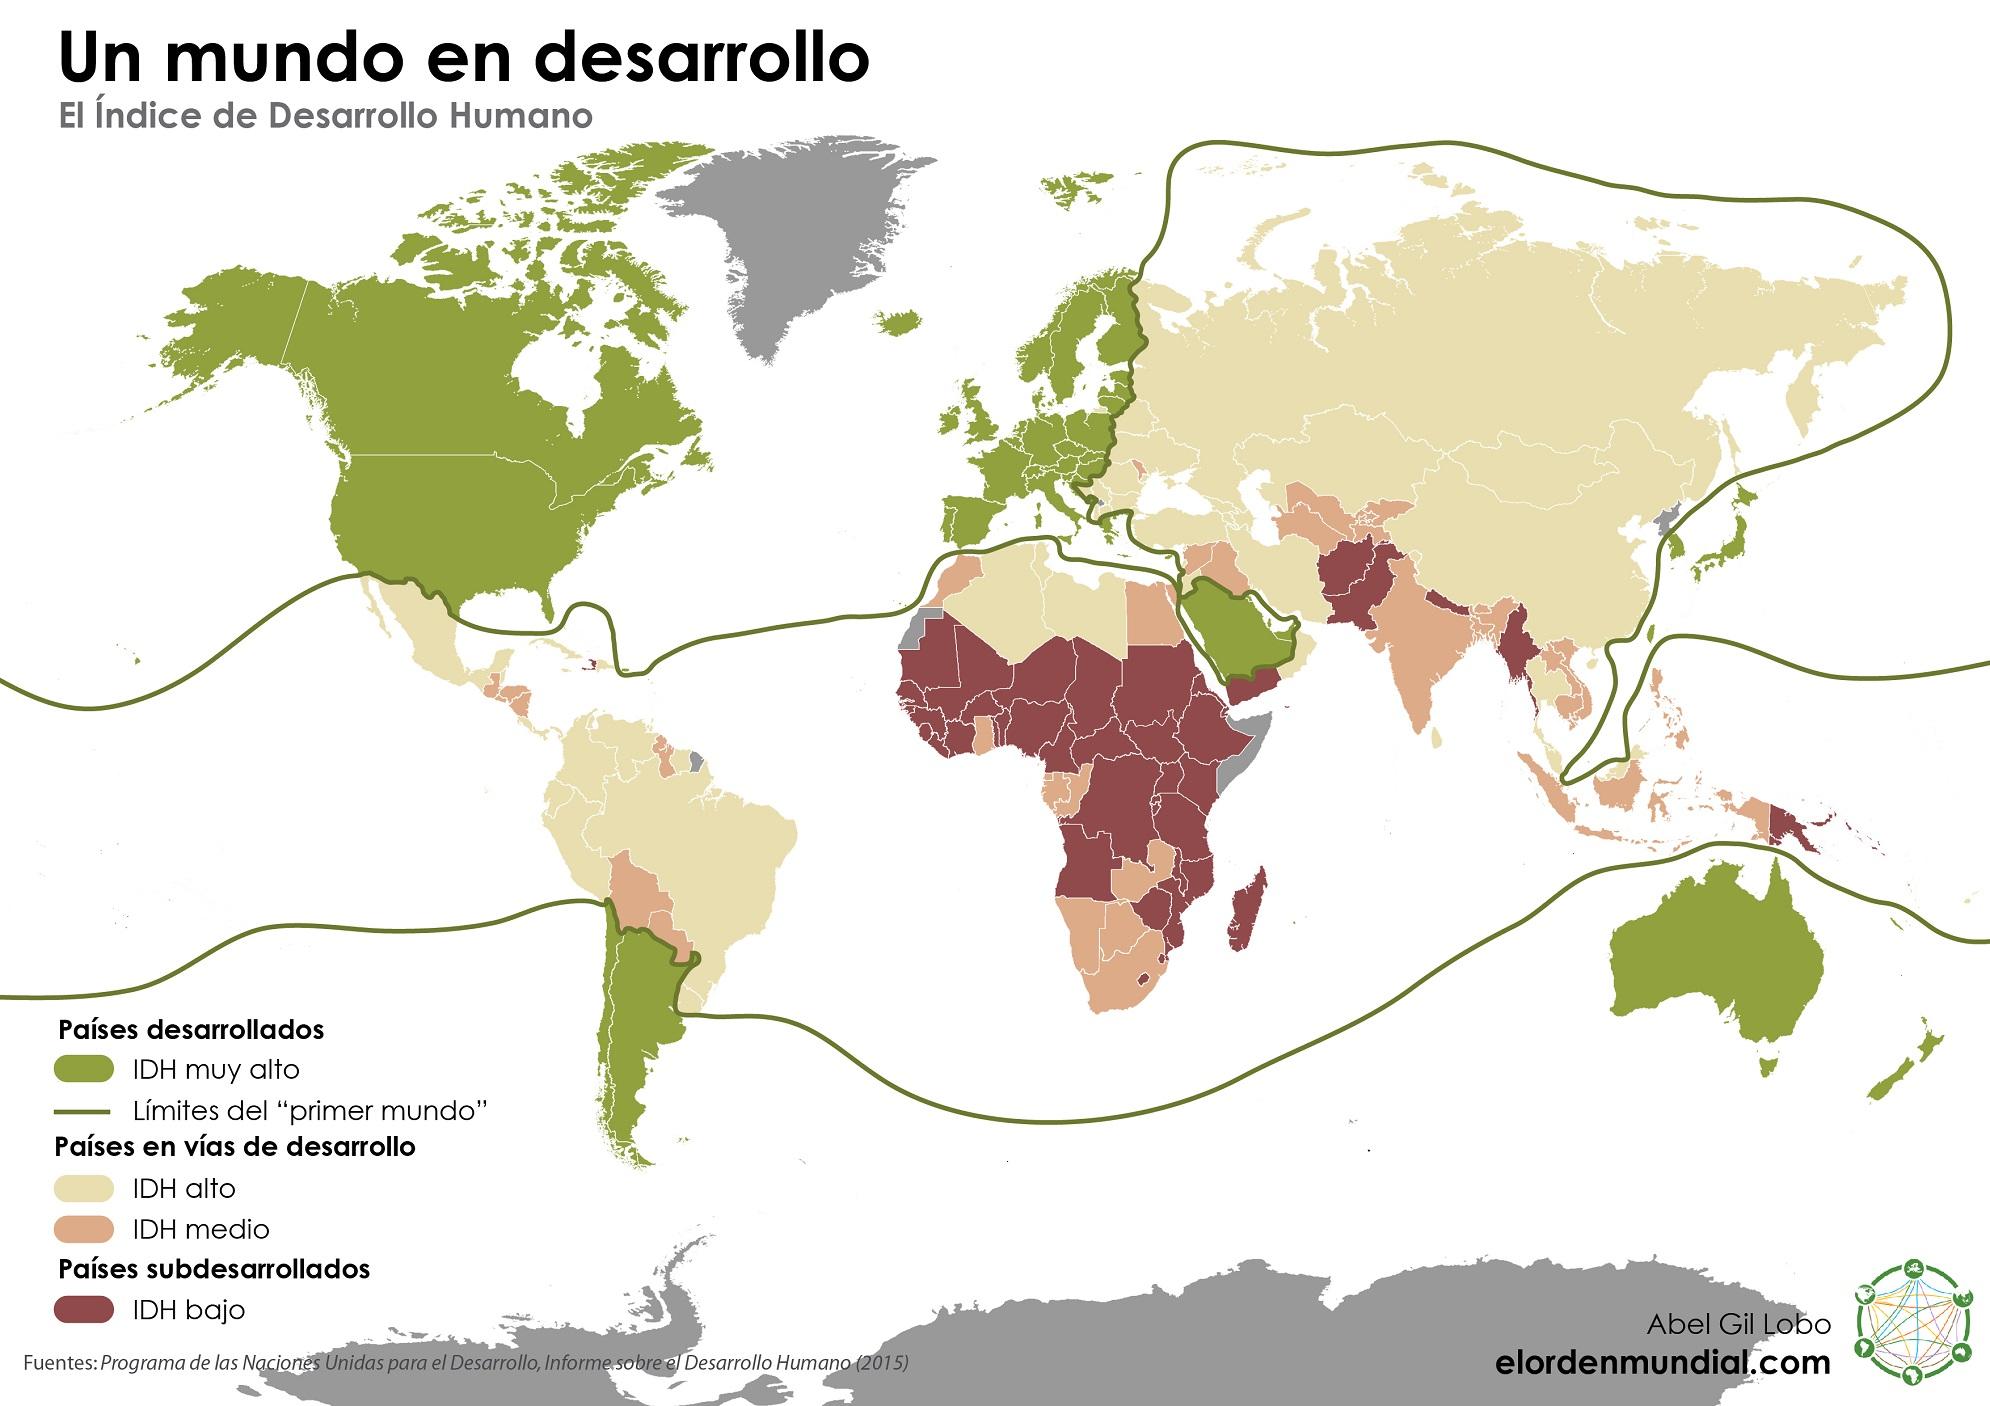 Mundo IDH Índice de Desarrollo Humano Países en vías de desarrollo Primer mundo subdesarrollados